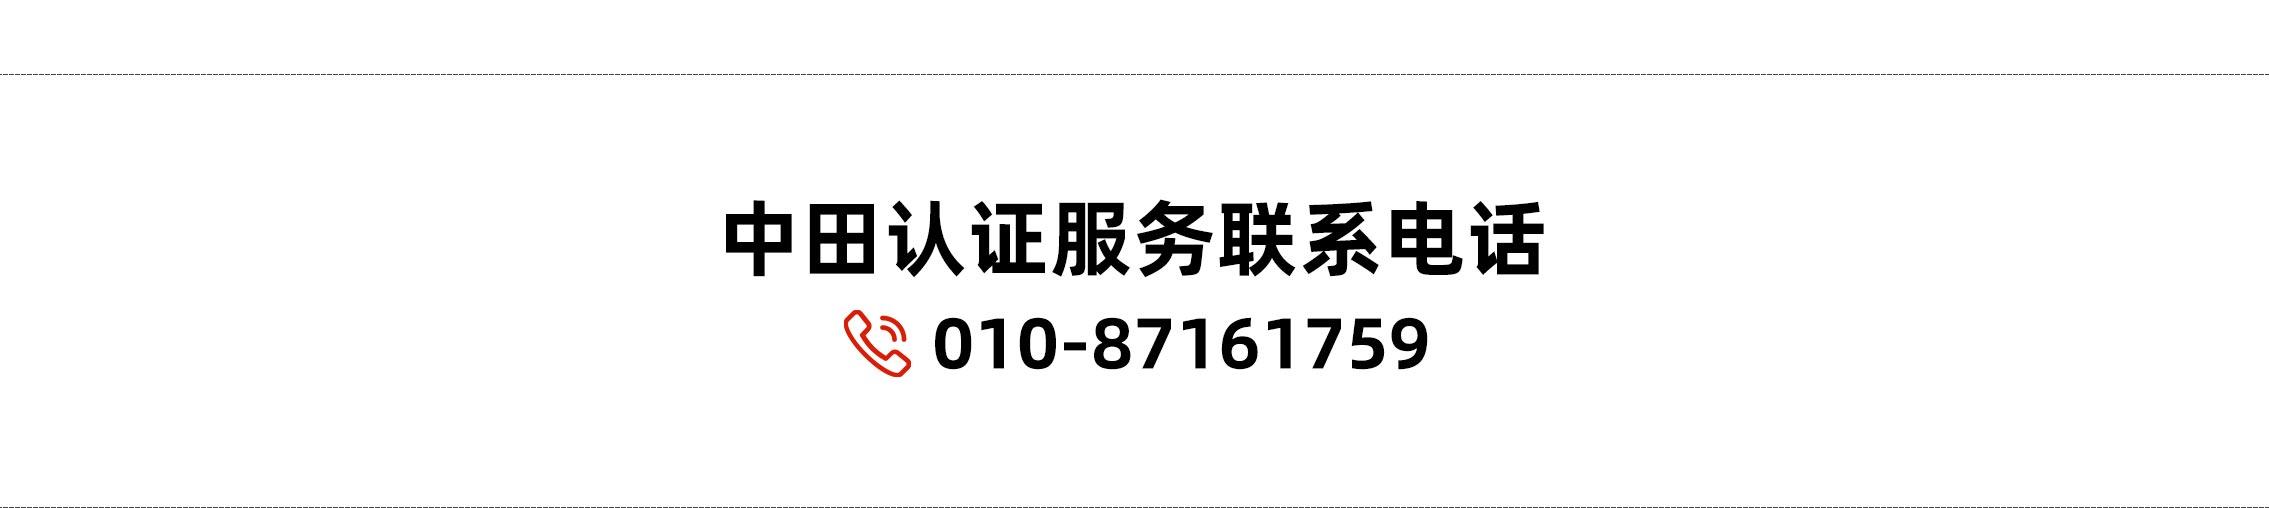 中田认证服务联系电话